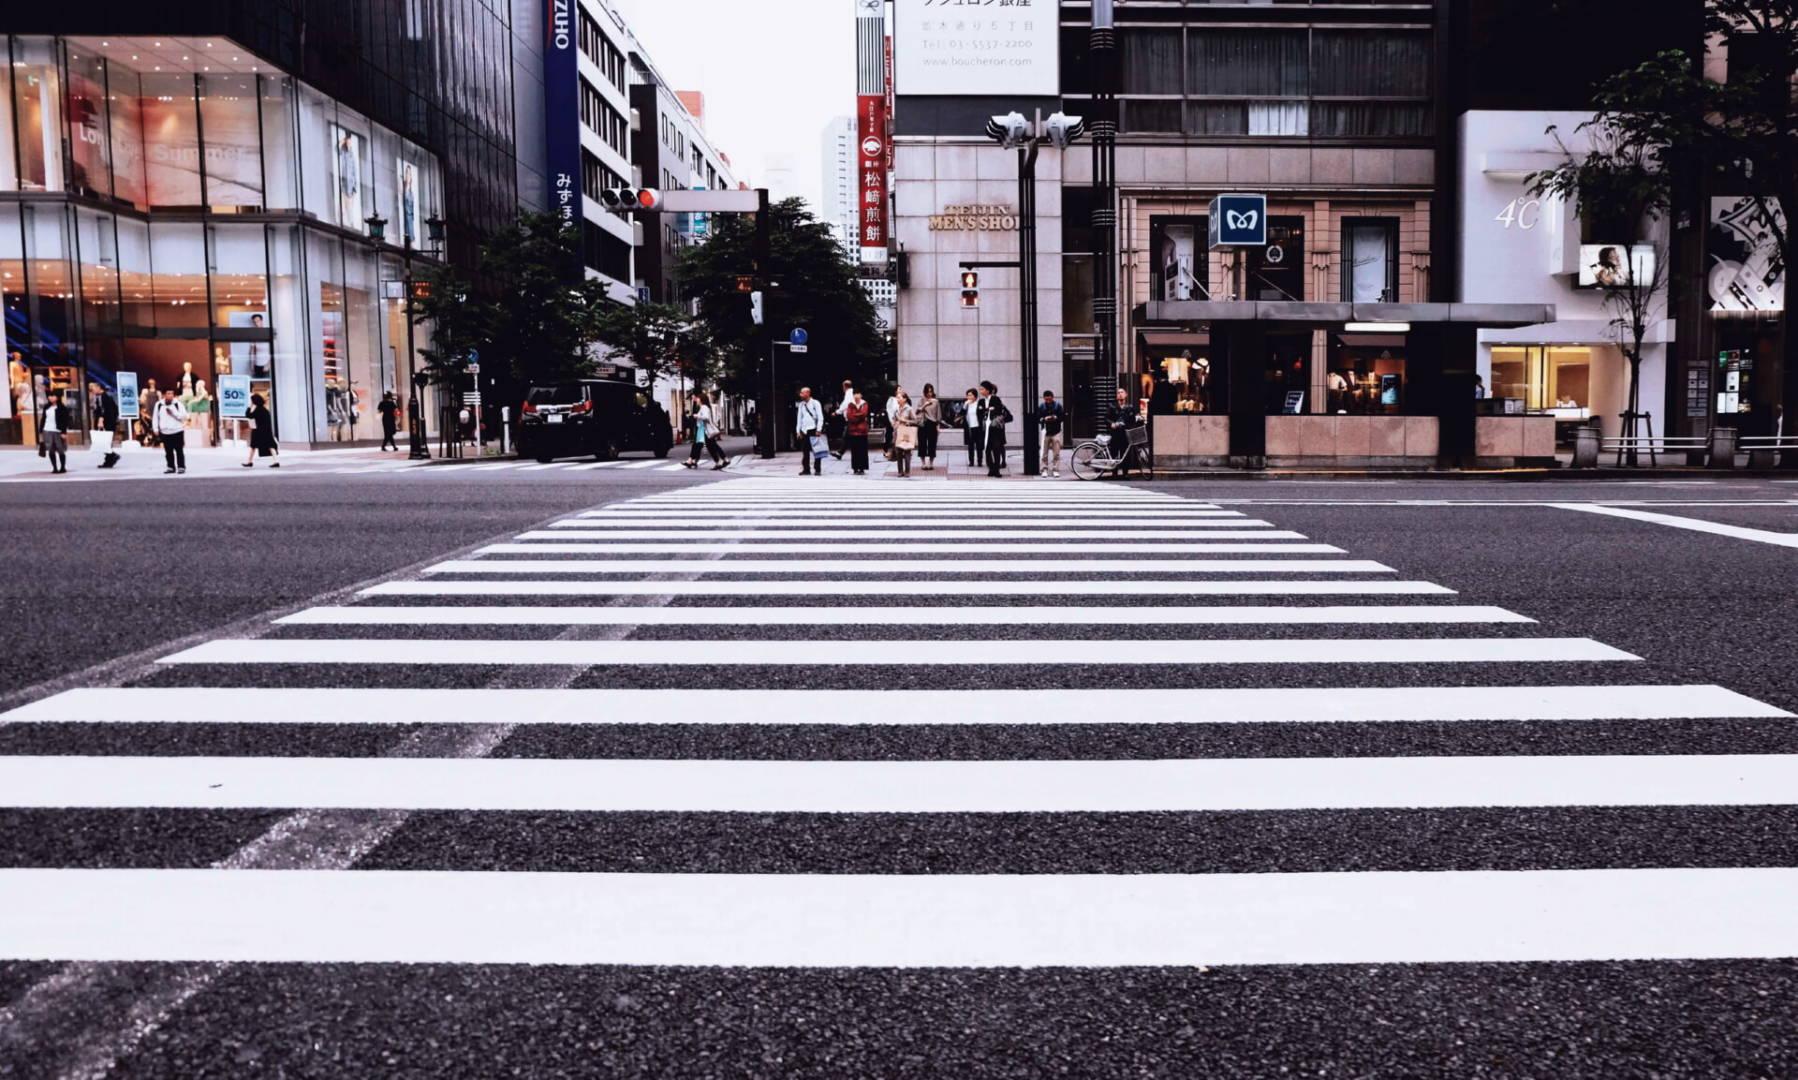 «Сказочный переход»: известный автор рассказал, как николаевцы могут добиться безопасности дорог